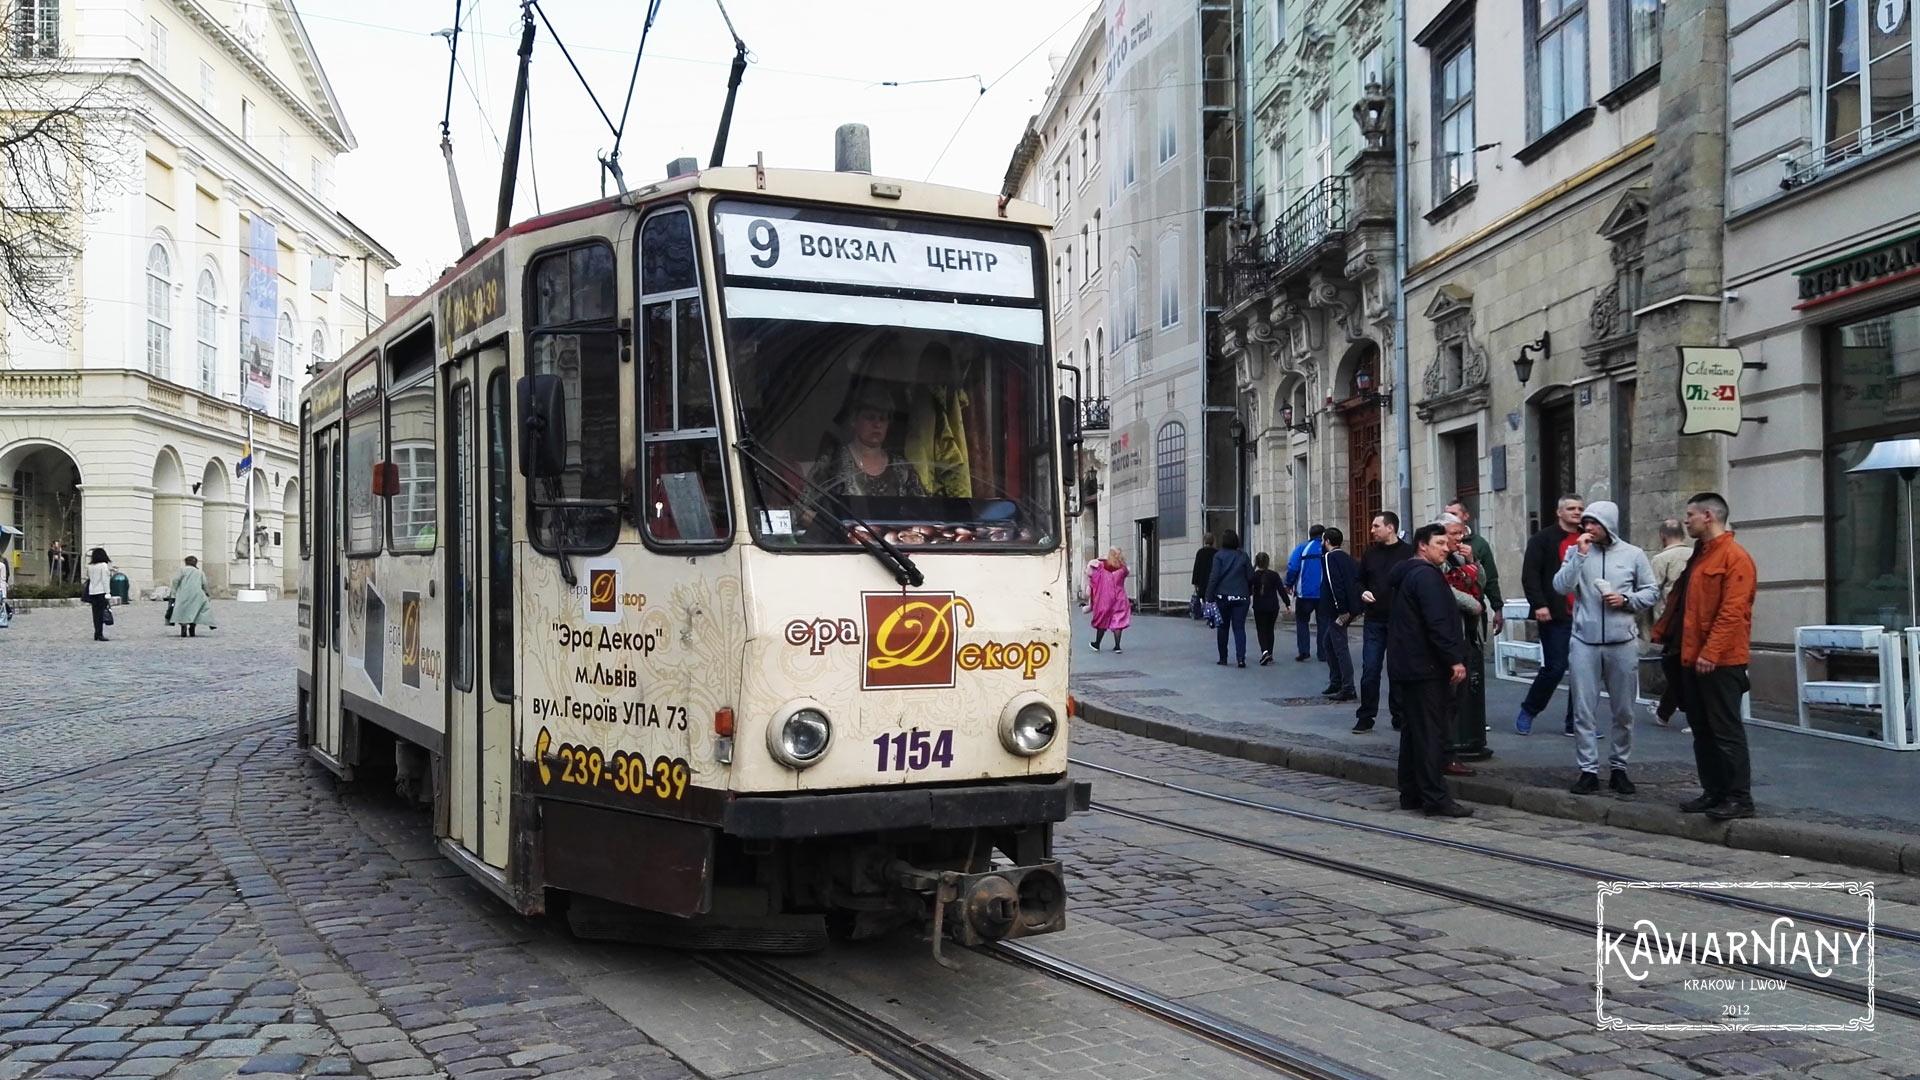 Lwów: komunikacja miejska – ceny, bilety, historia transportu publicznego